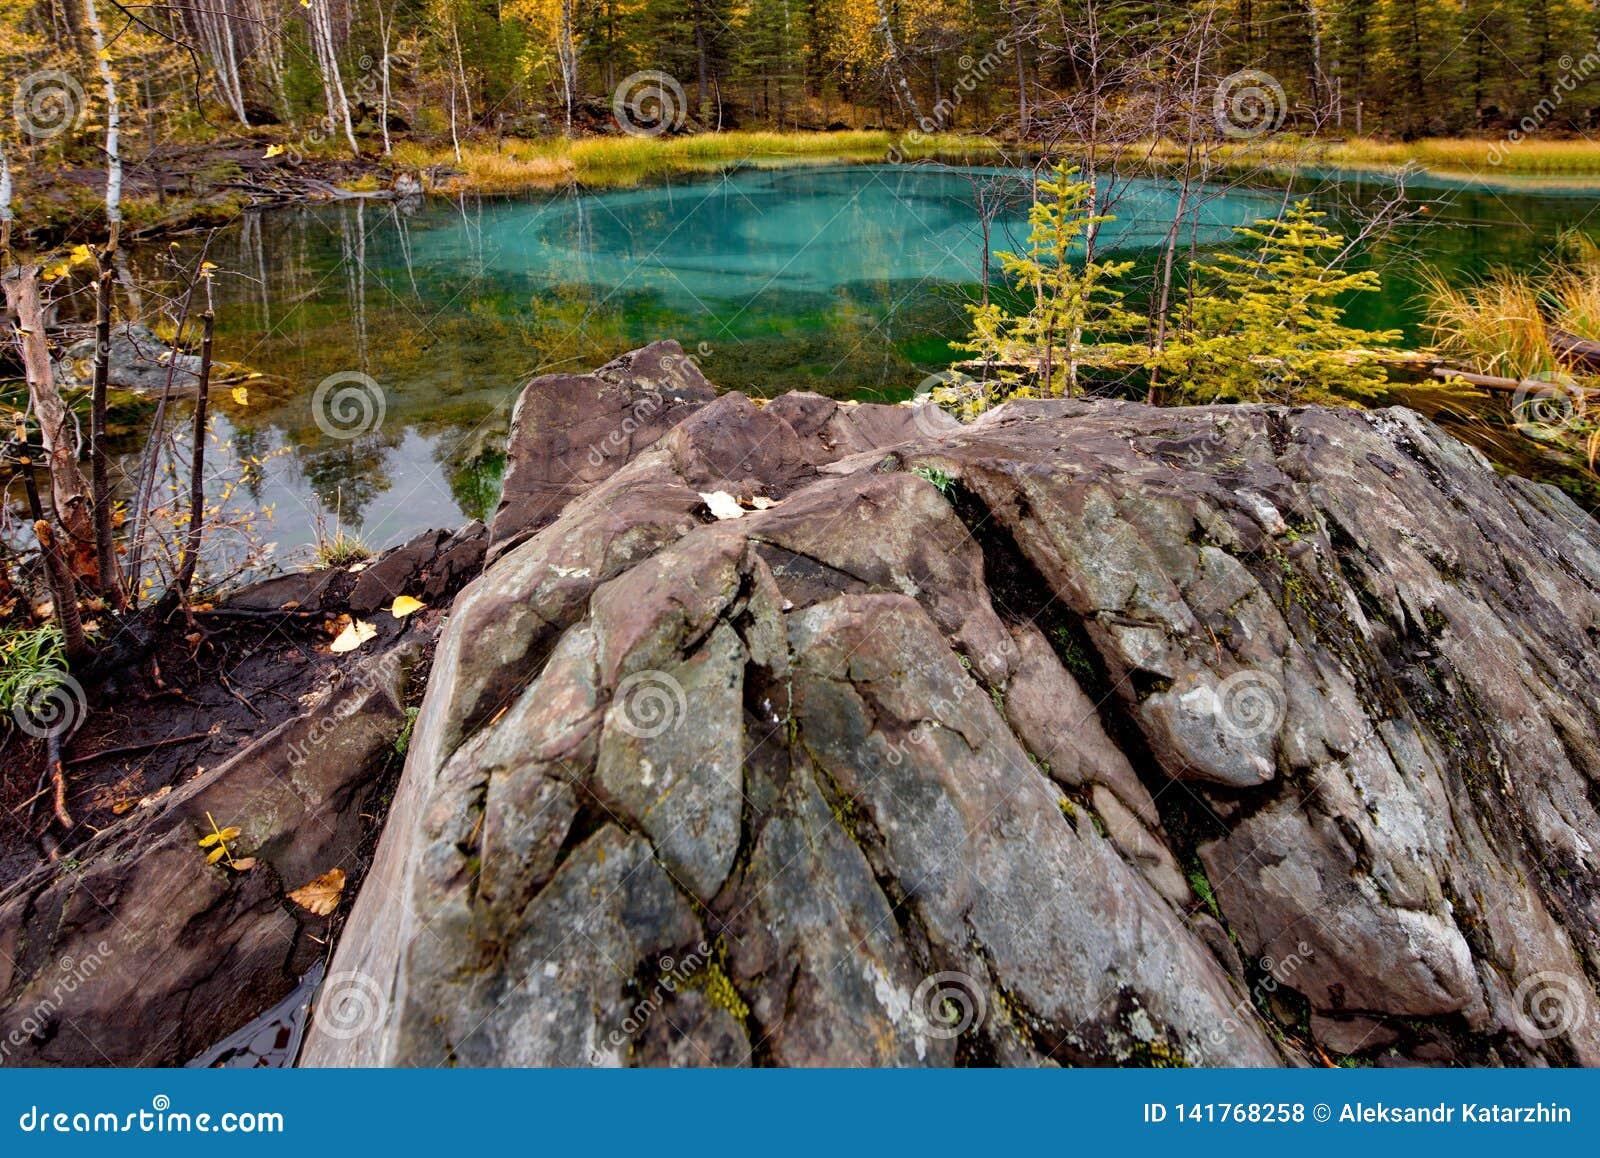 Uniek in aard en het verbazende meer van de schoonheidsgeiser